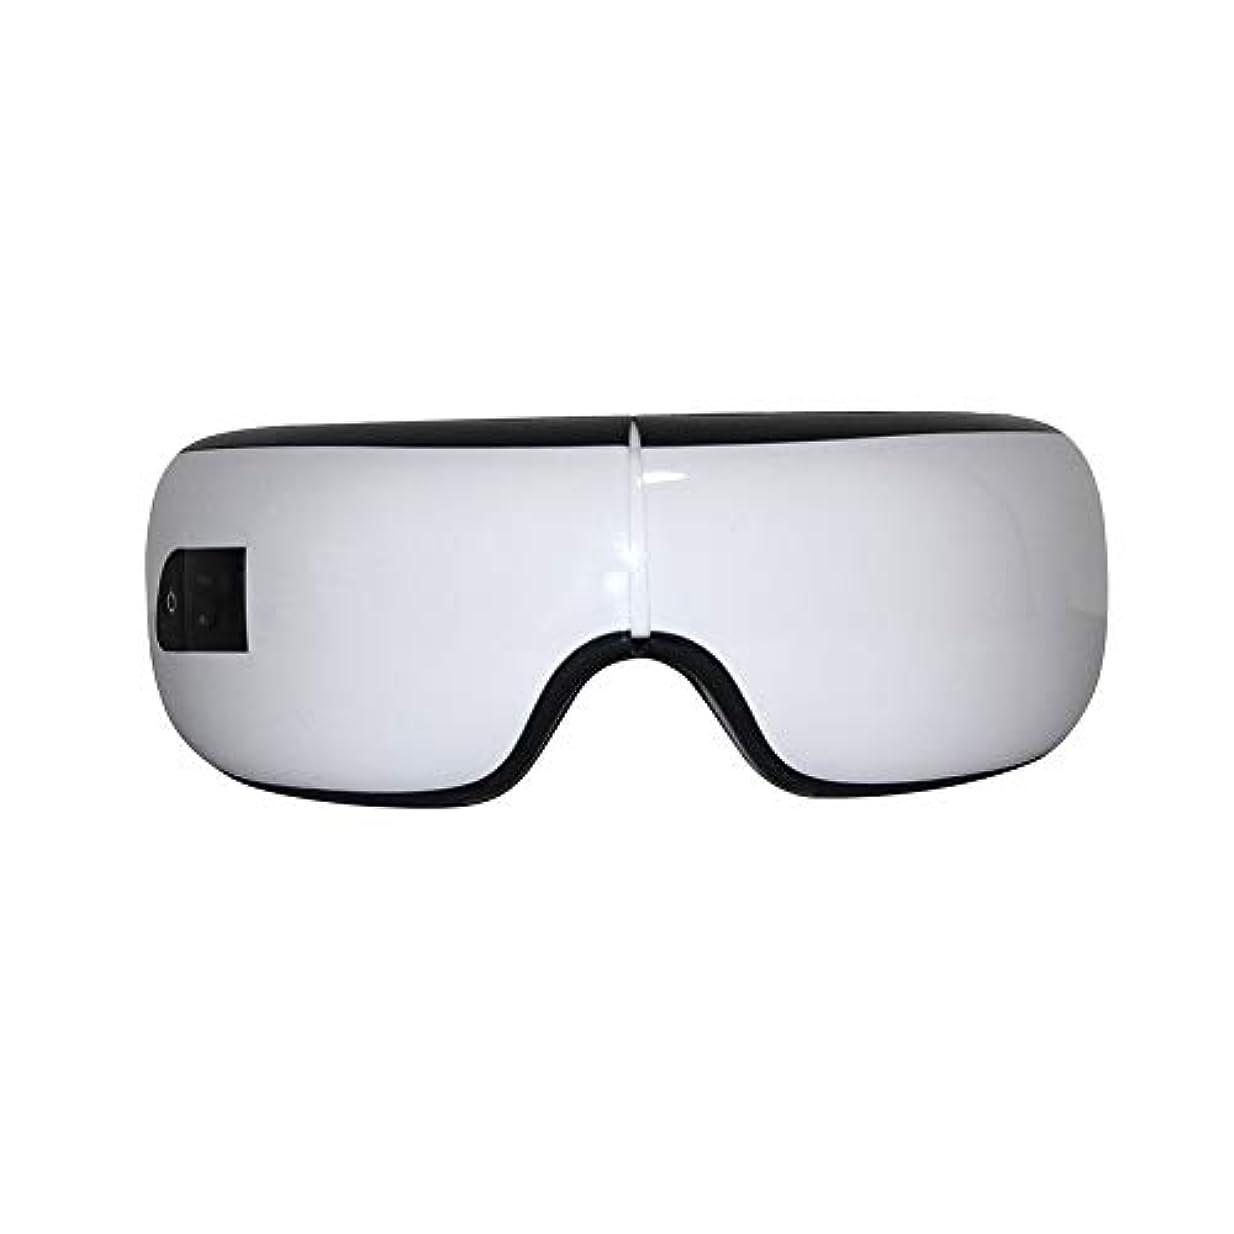 エンディング言い直す最後に電気振動Bluetoothアイマッサージャーアイケアデバイスしわ疲労緩和振動マッサージホットコンプレスセラピーメガネクリスマスギフト